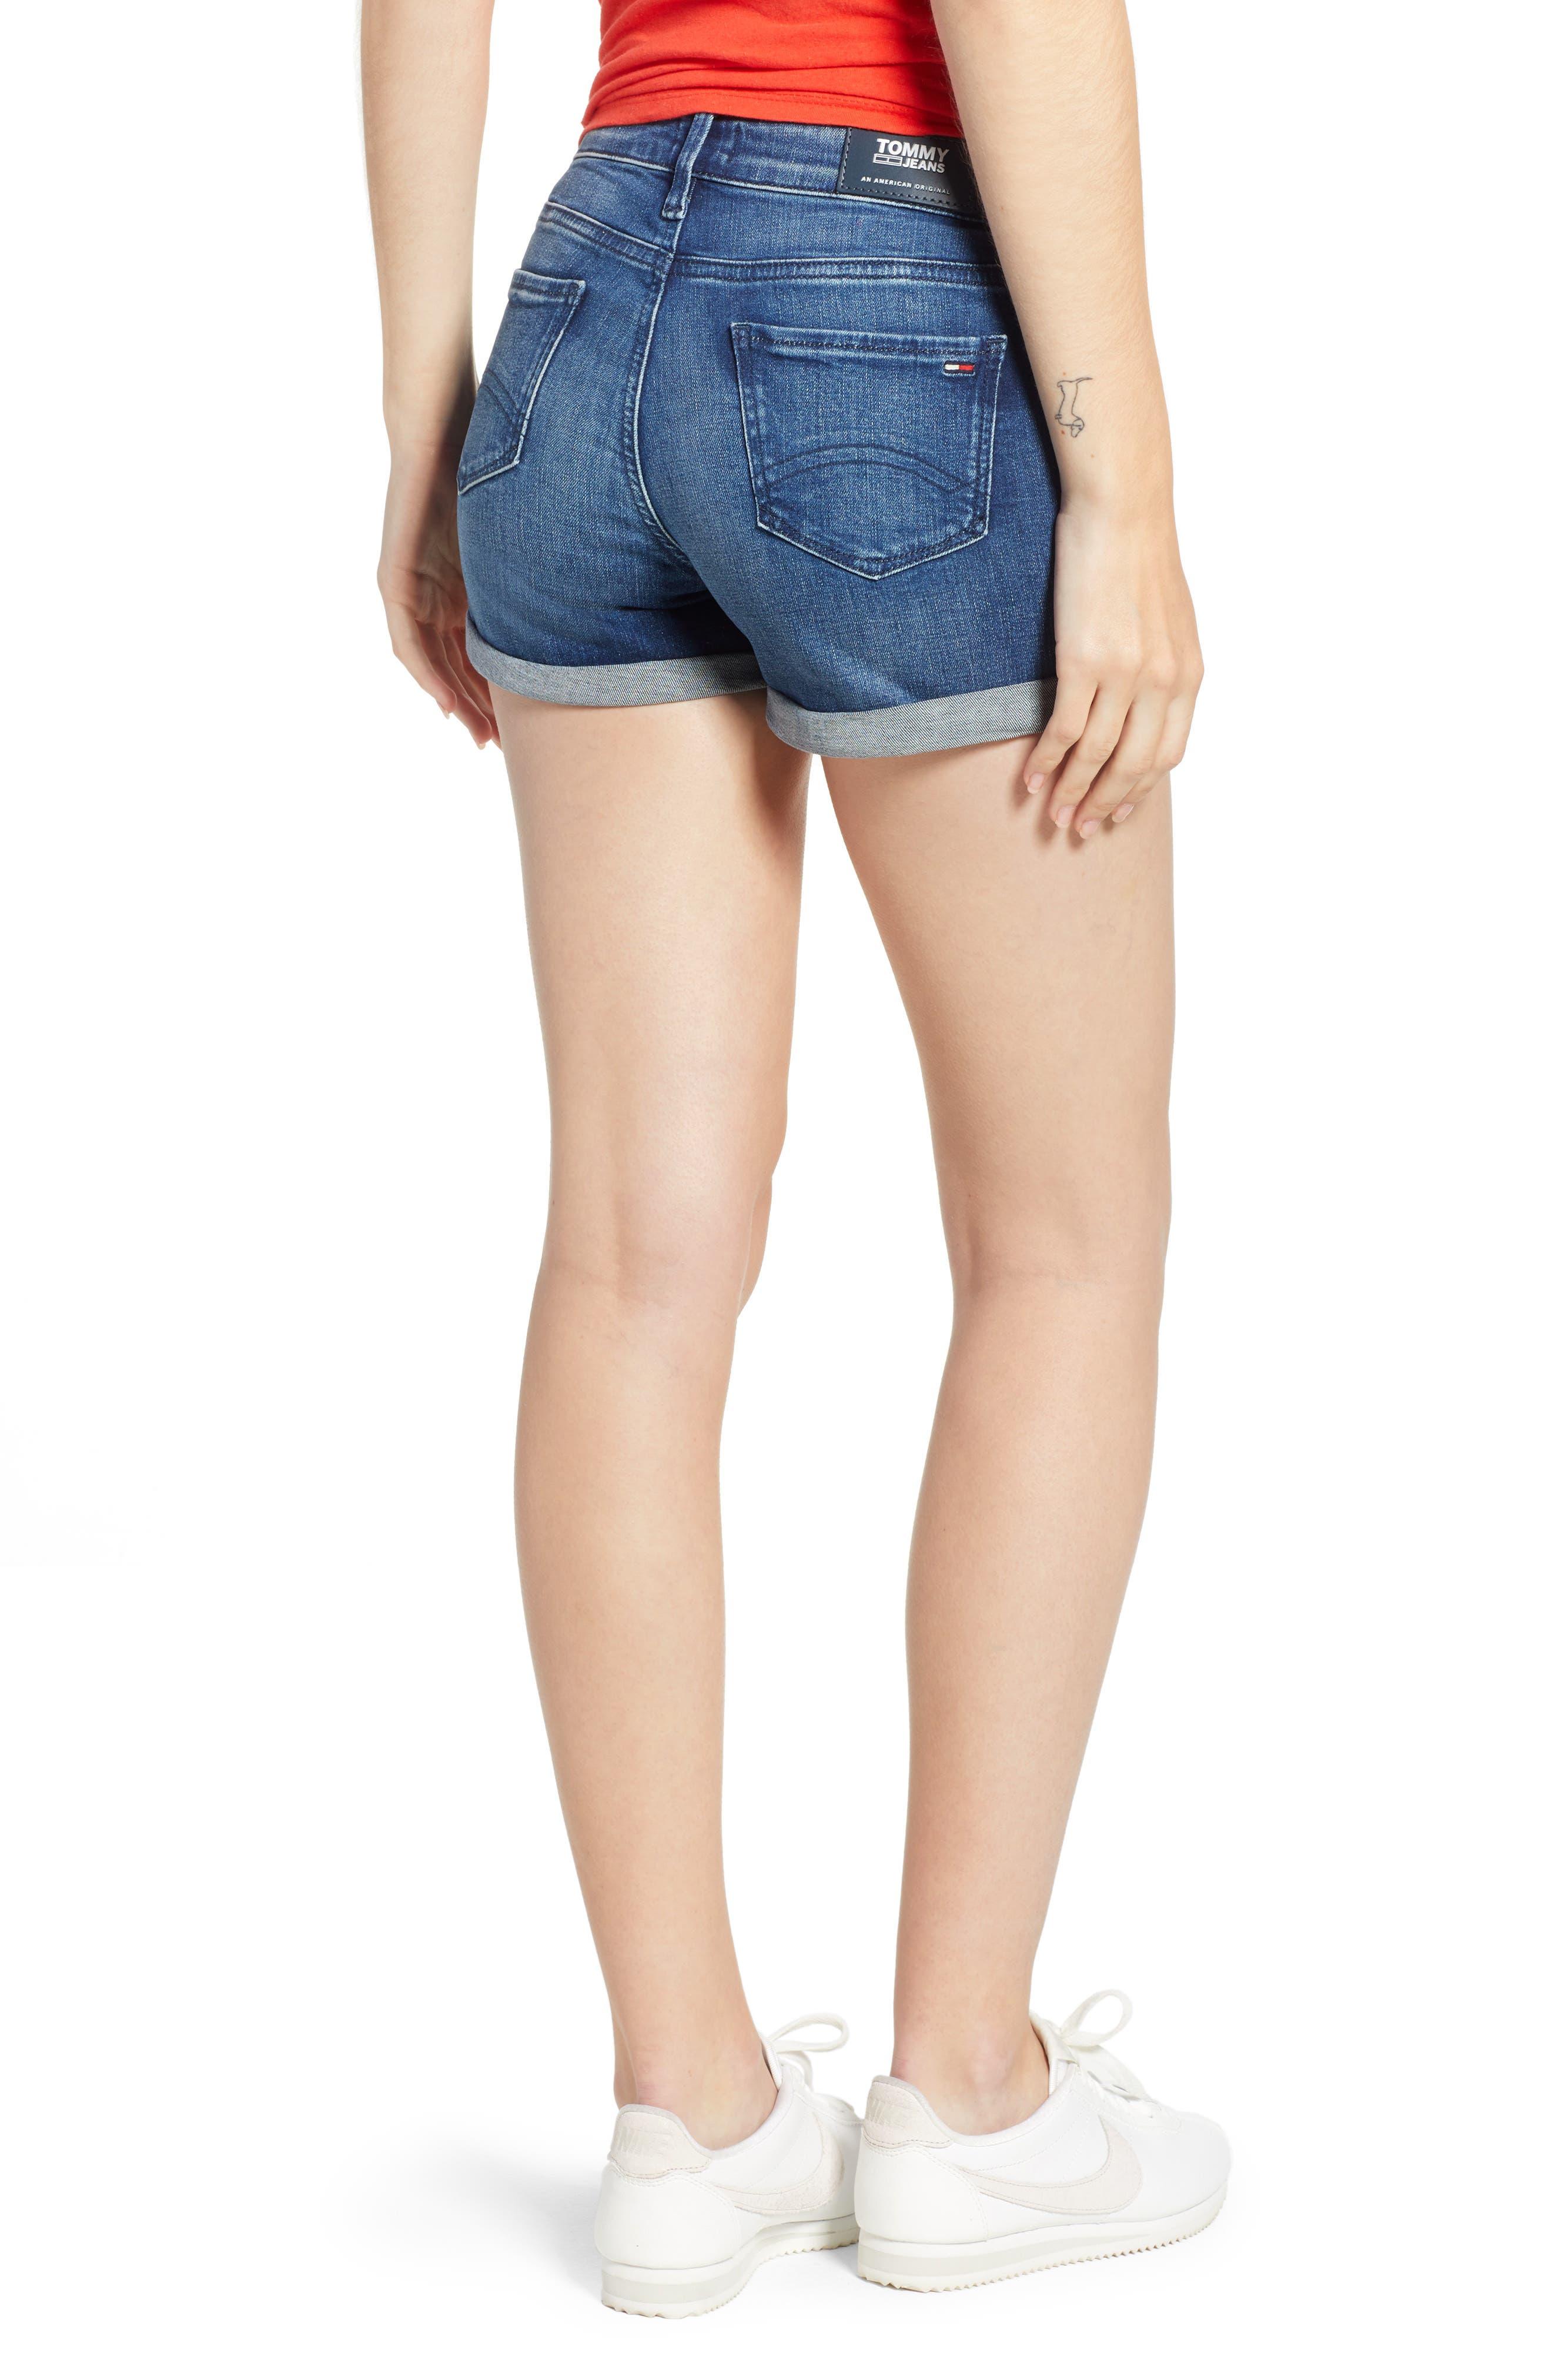 TJW Denim Shorts,                             Alternate thumbnail 2, color,                             400